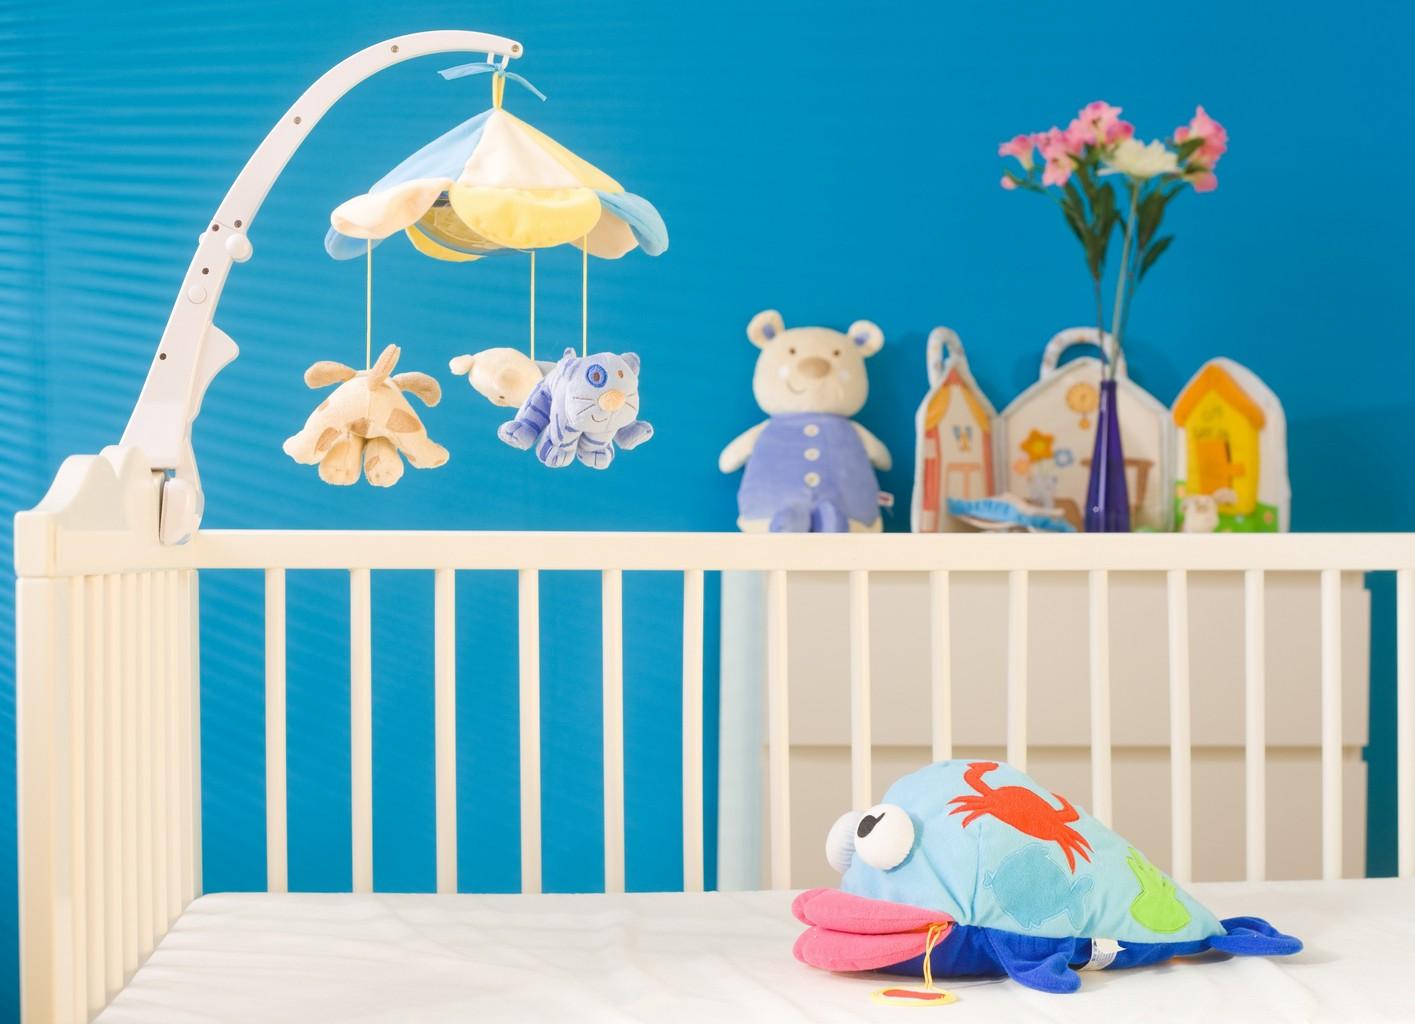 Bien pr parer l 39 arriv e de b b la maison - Quand preparer la chambre de bebe ...